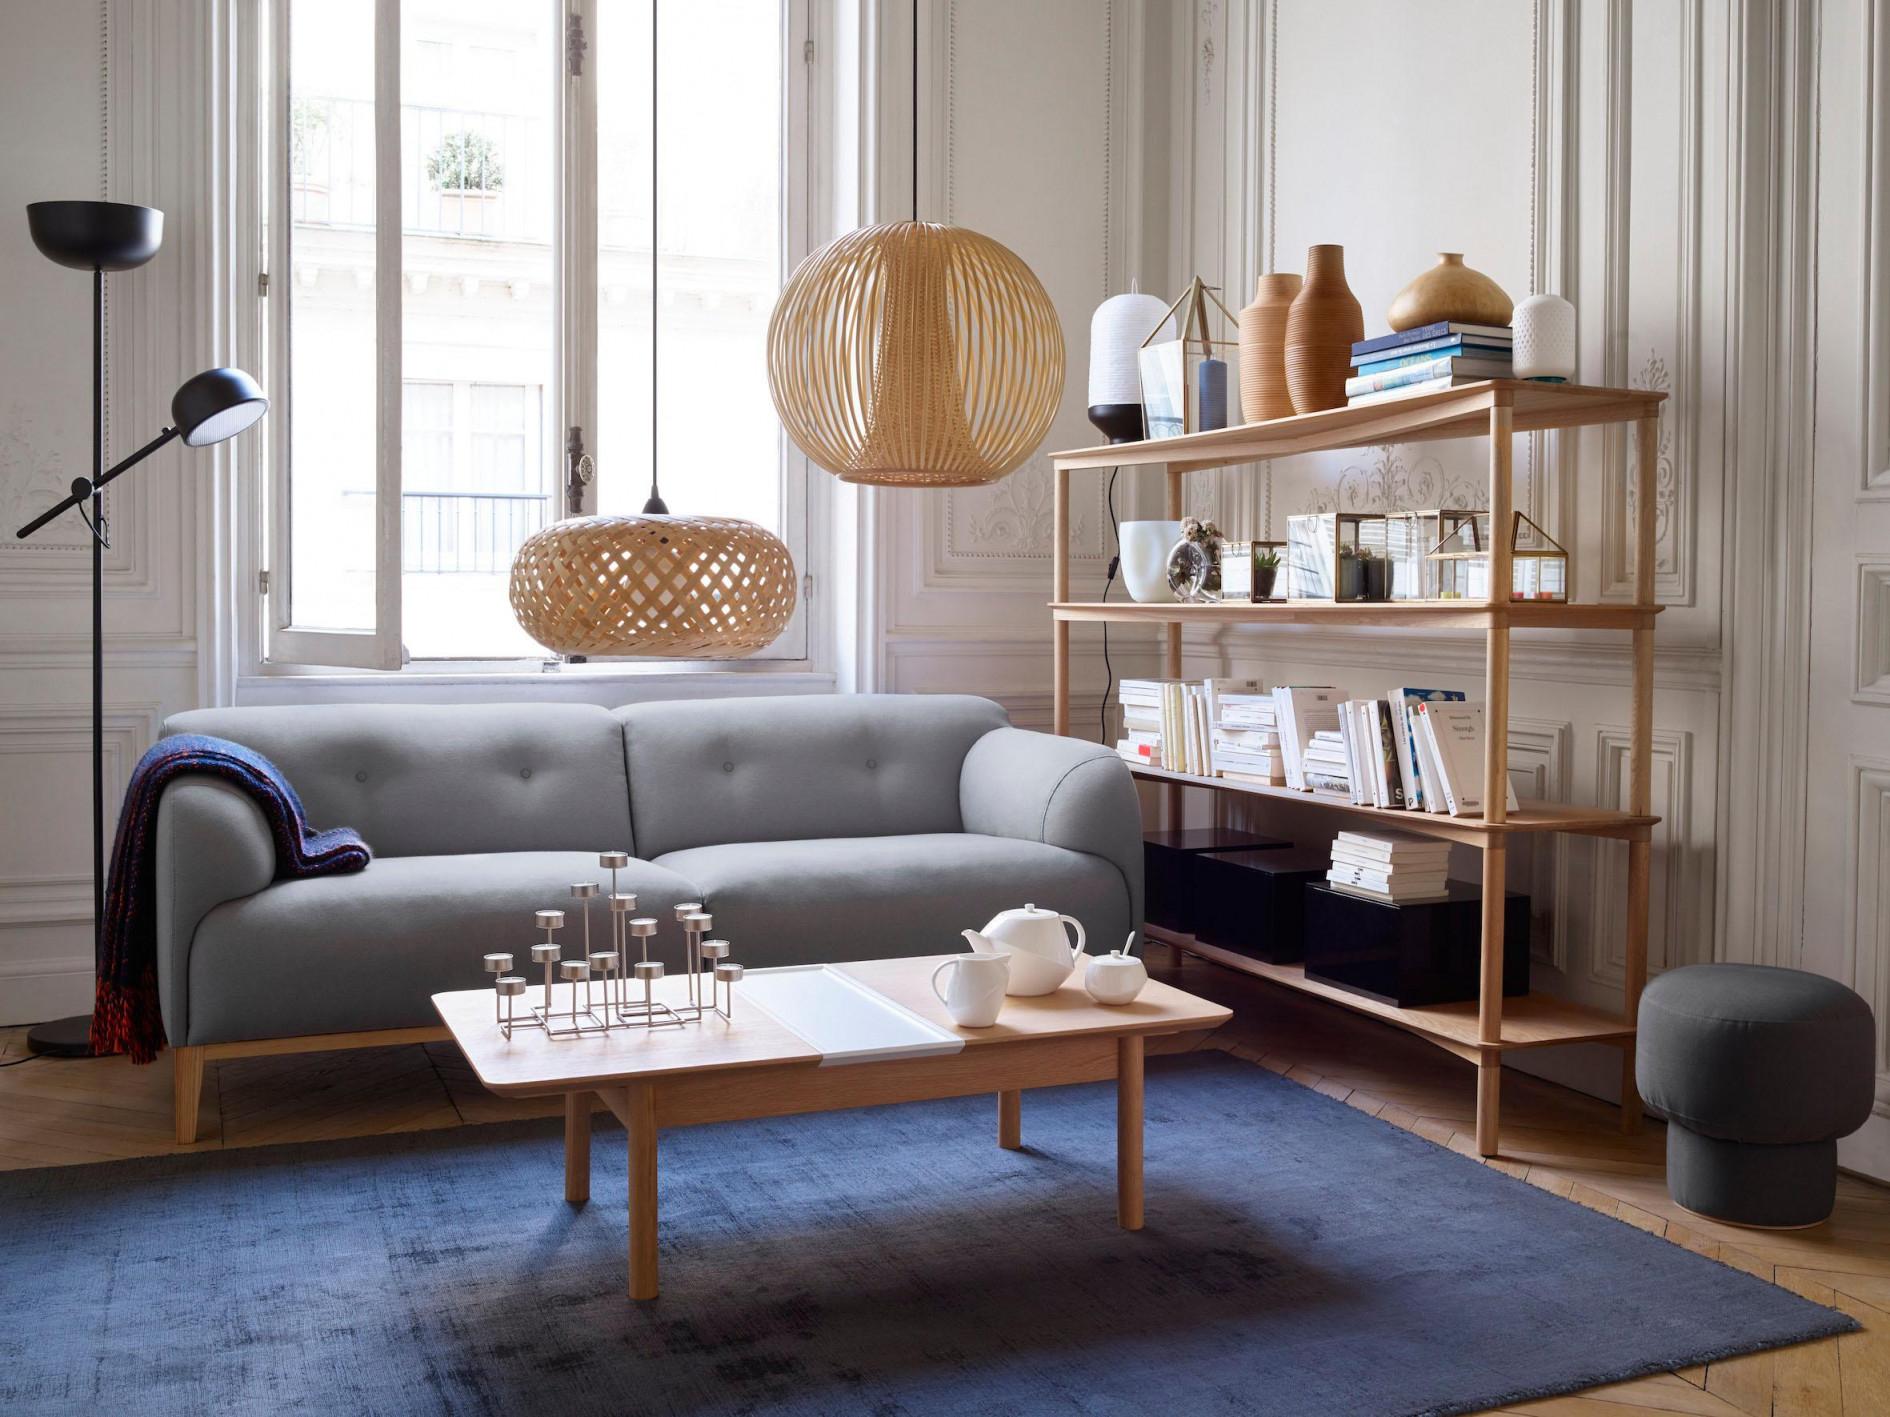 Holzlampe • Bilder  Ideen • Couch von Holz Lampe Wohnzimmer Bild